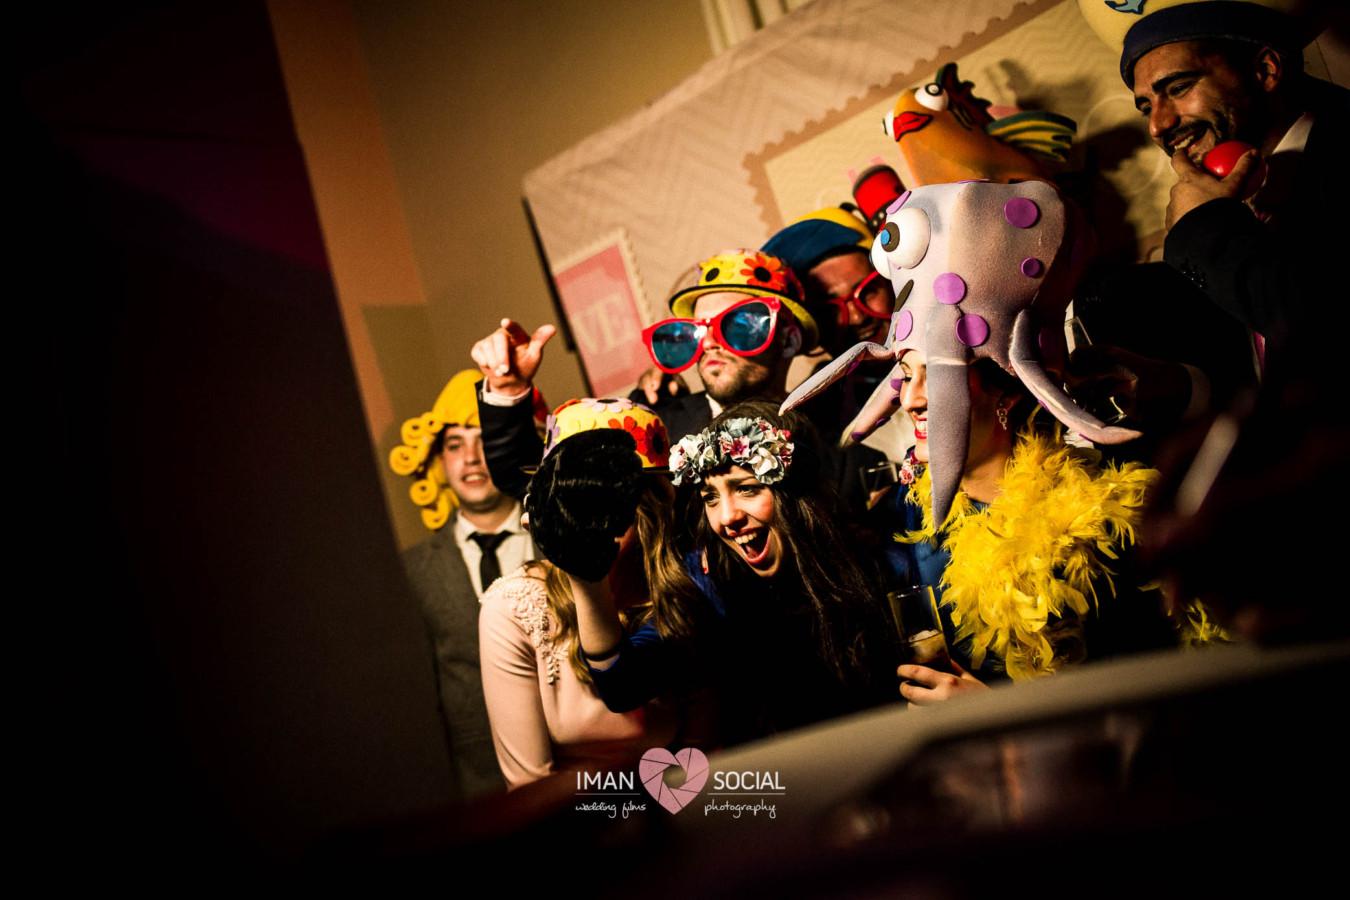 fotografo-de-boda-en-cordoba-sevilla-posadas-boda-auxi-y-antonio-45 Auxi & Antonio, primera boda de la temporada - video boda cordoba